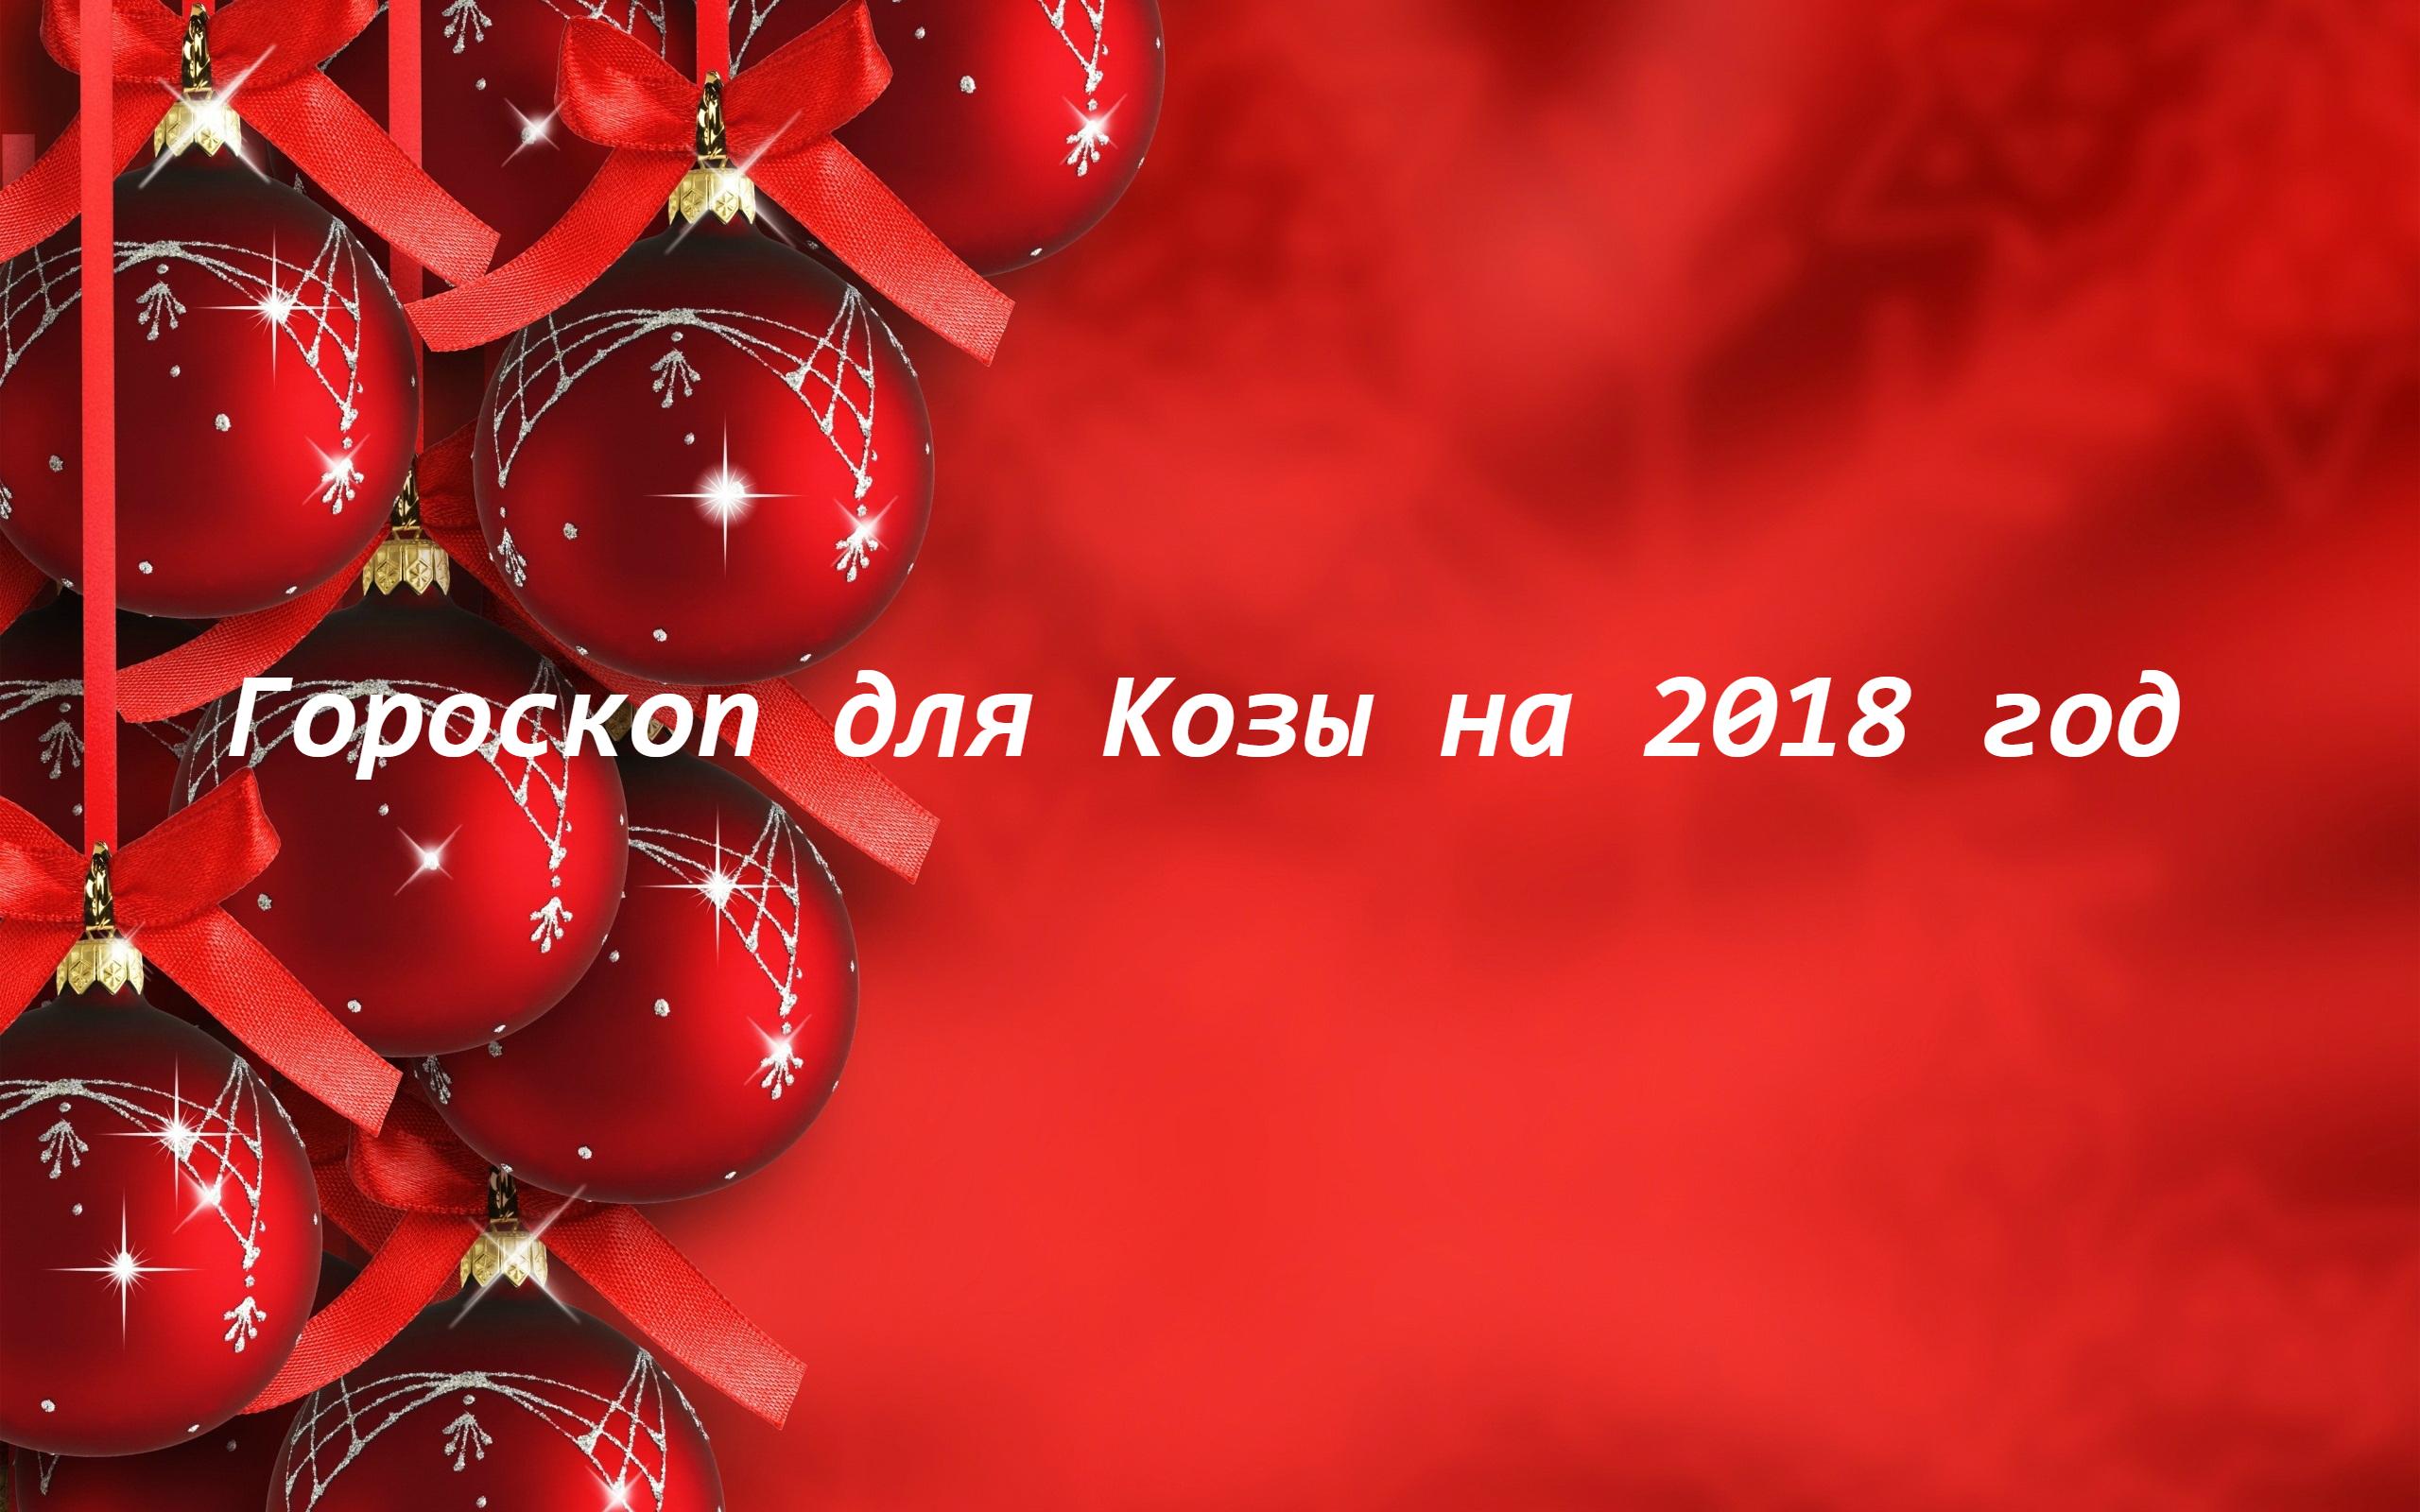 Новые рецепты на новый год козы 2018